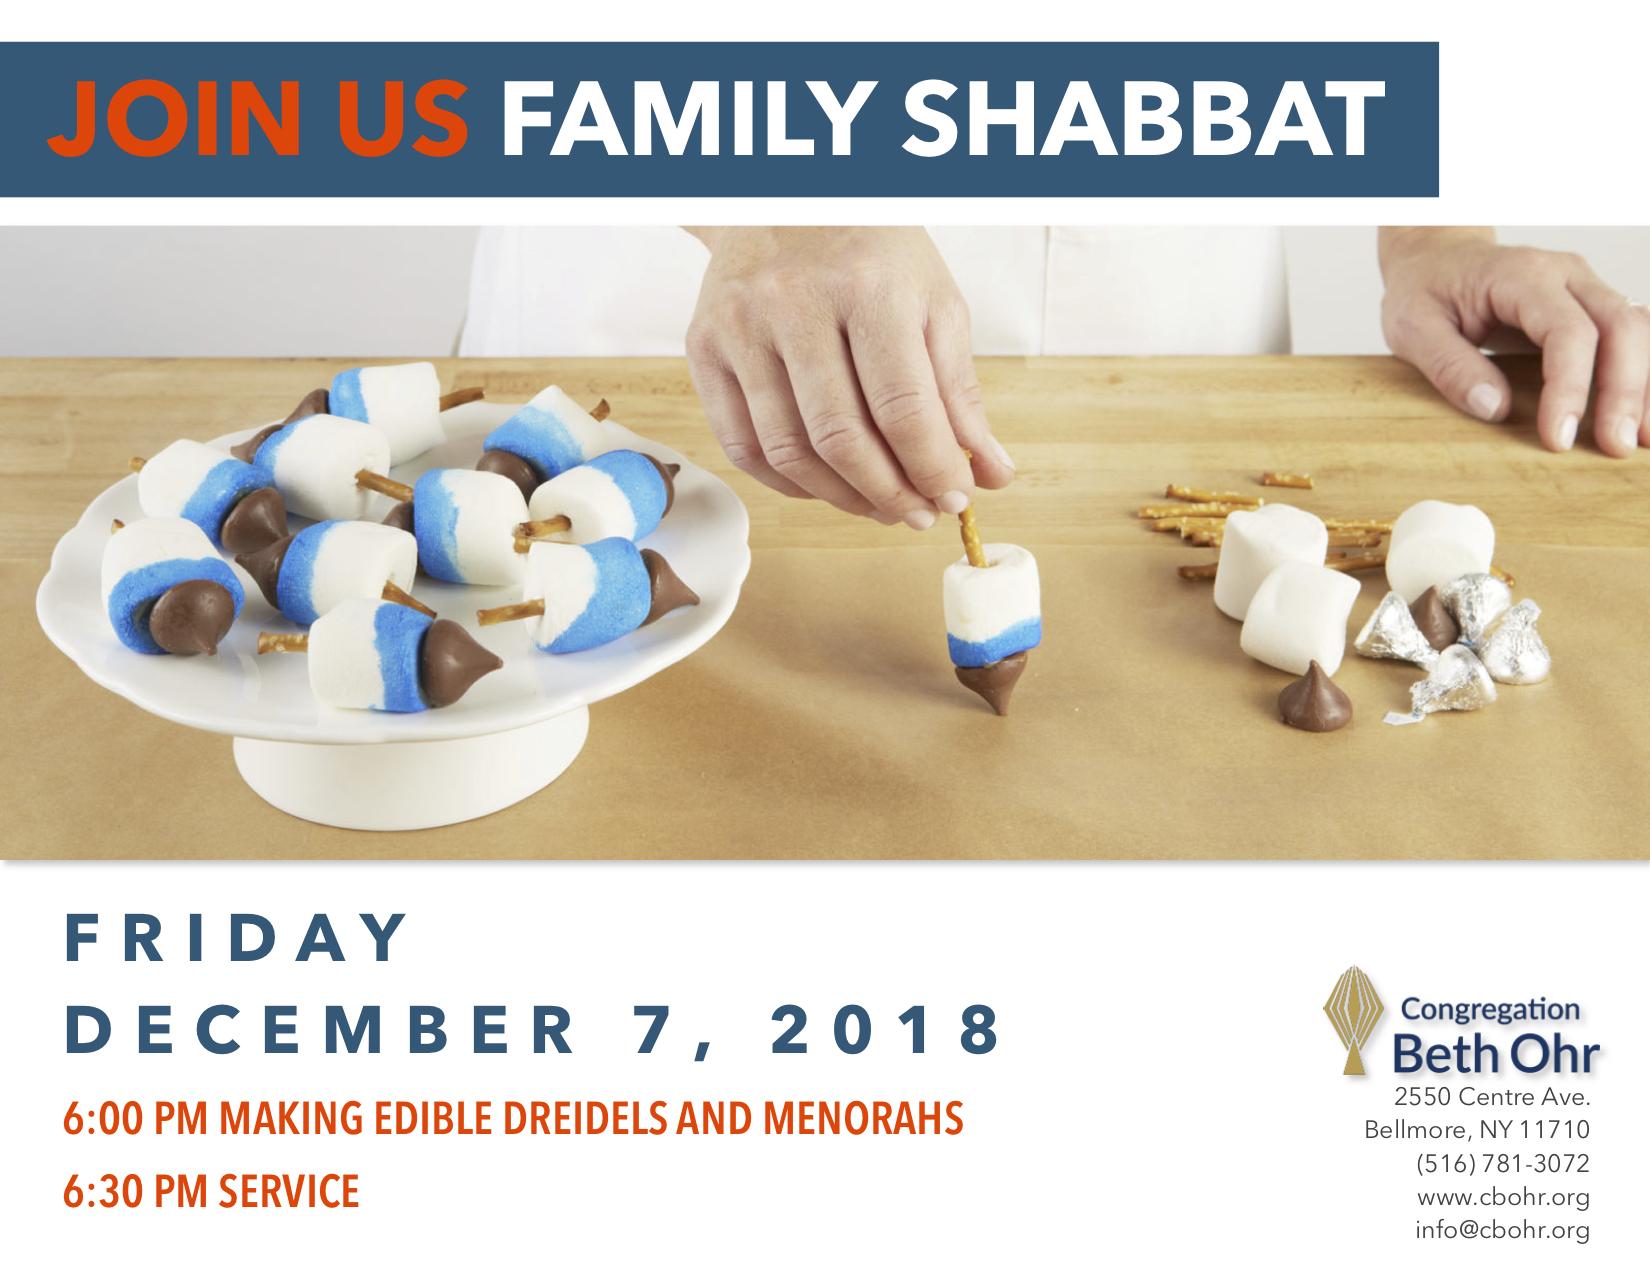 Family Shabbat